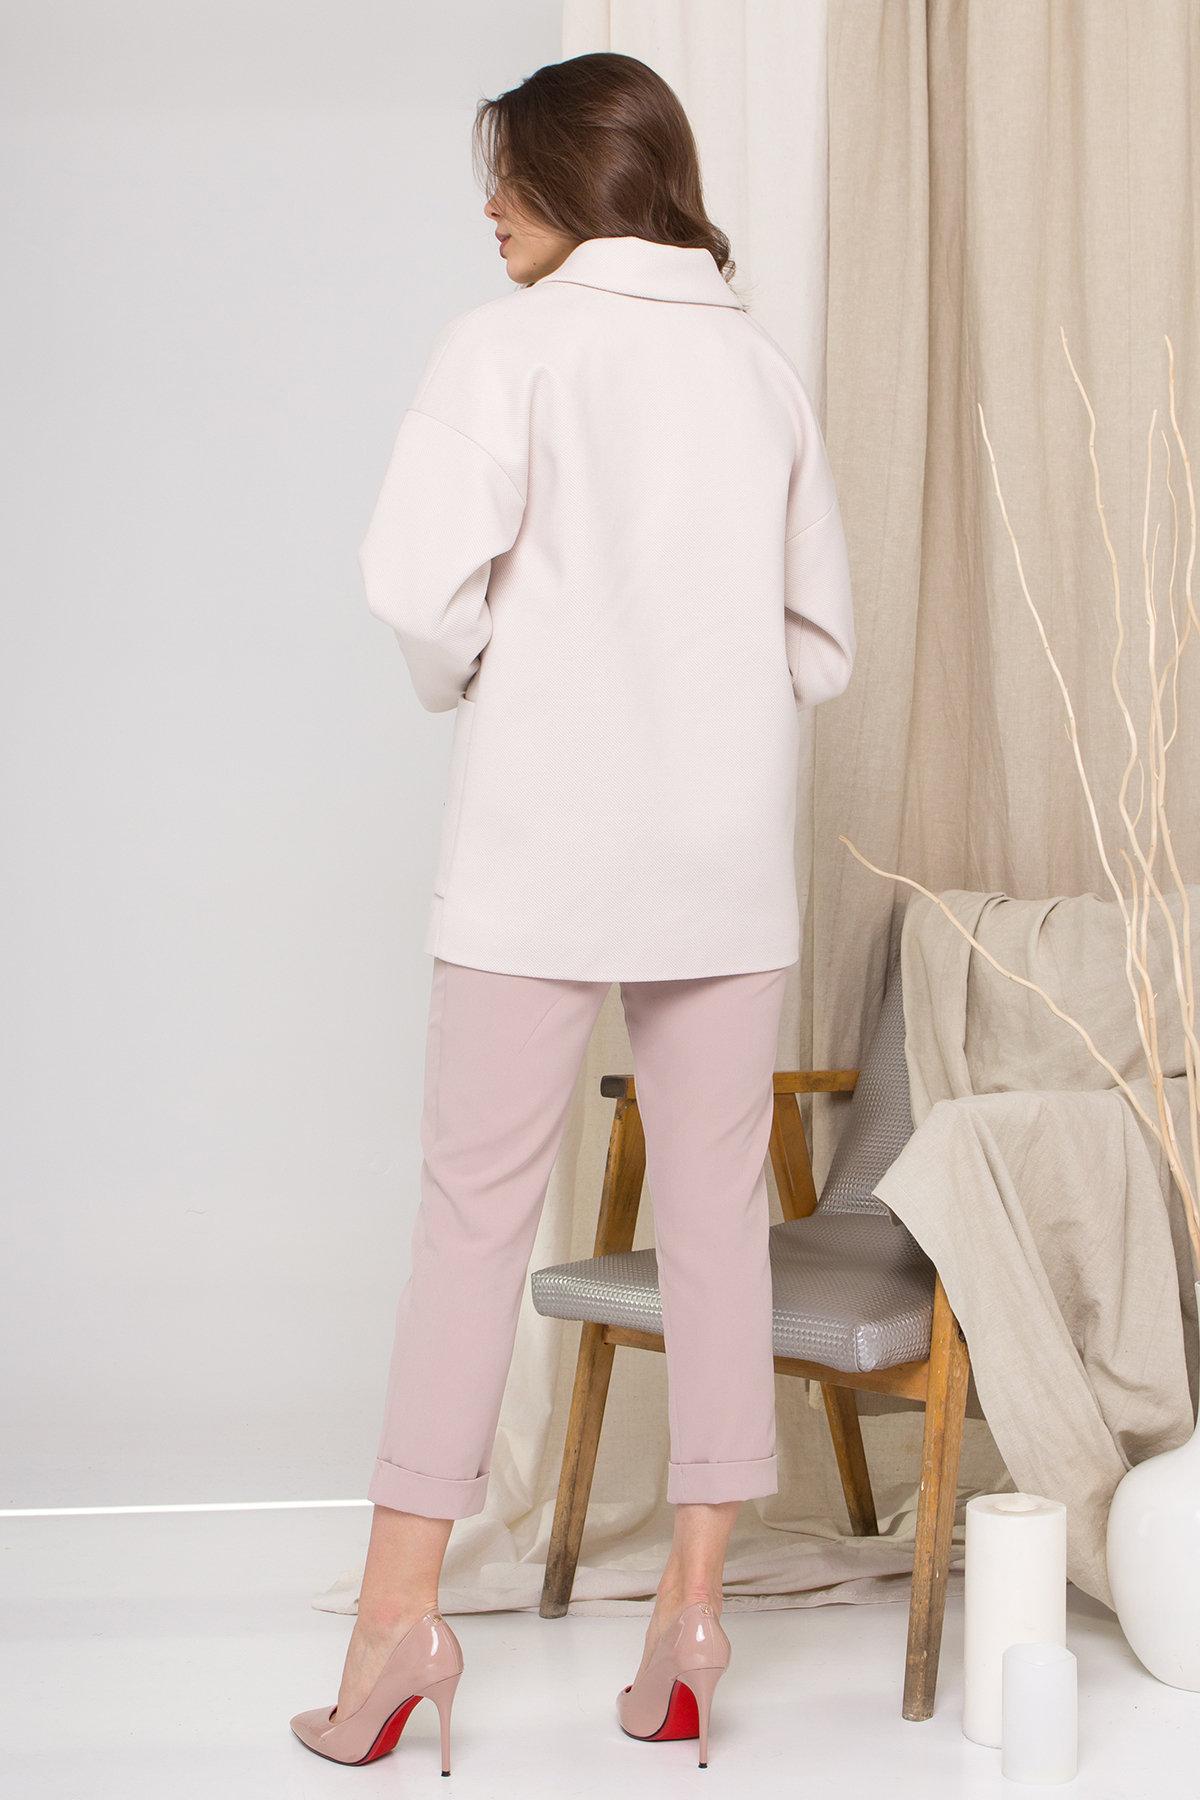 Пальто Мансера 8987 АРТ. 45302 Цвет: Бежевый Светлый - фото 4, интернет магазин tm-modus.ru